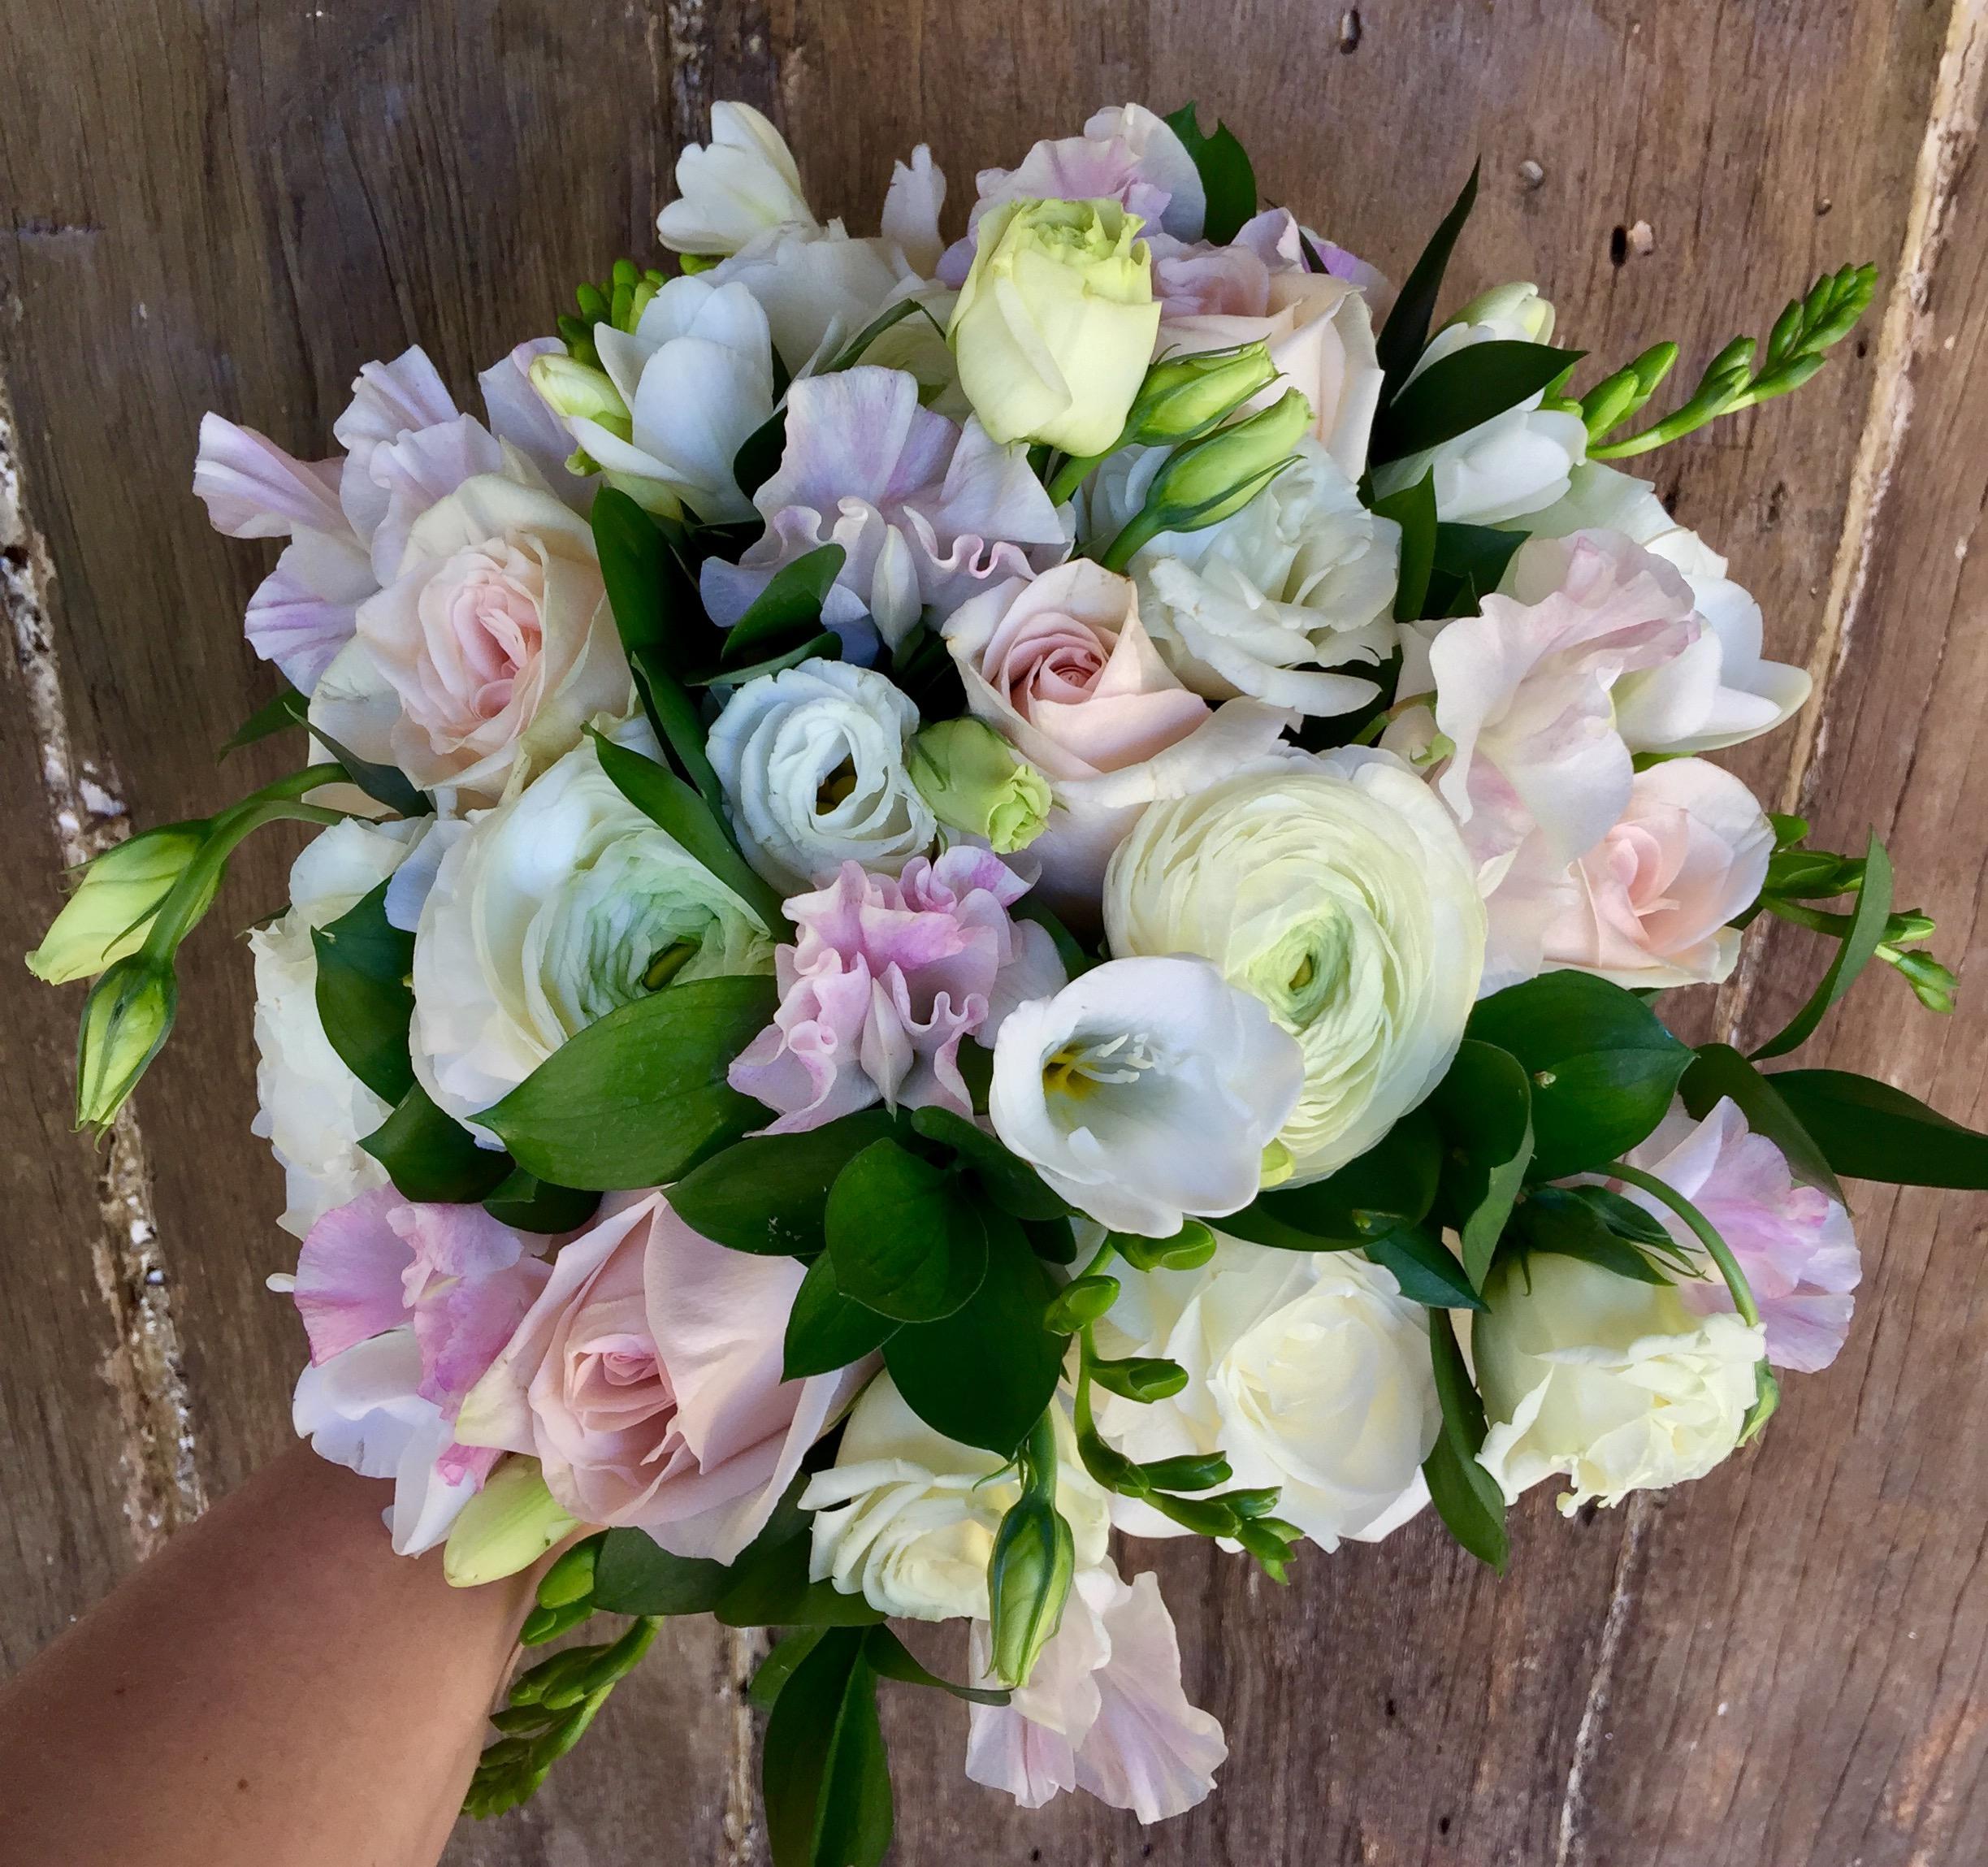 ranunc freesia rose sweetpea lissi blush maid.JPG